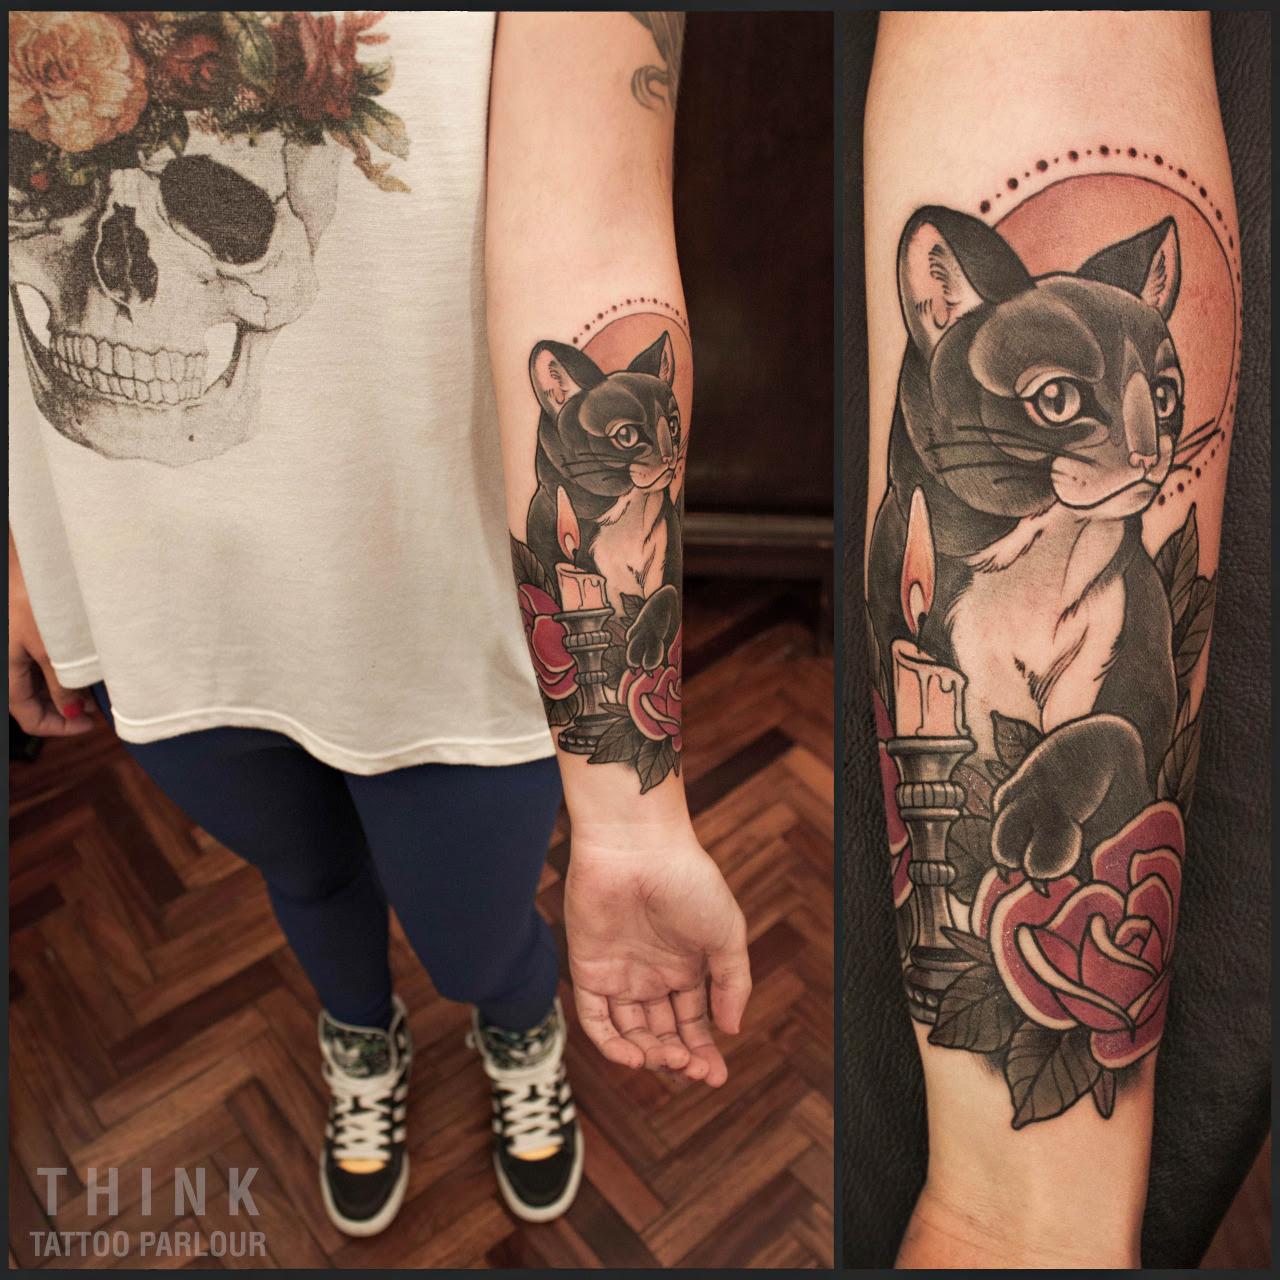 38 Tatuajes Hipster Originales Que Te Gustarán